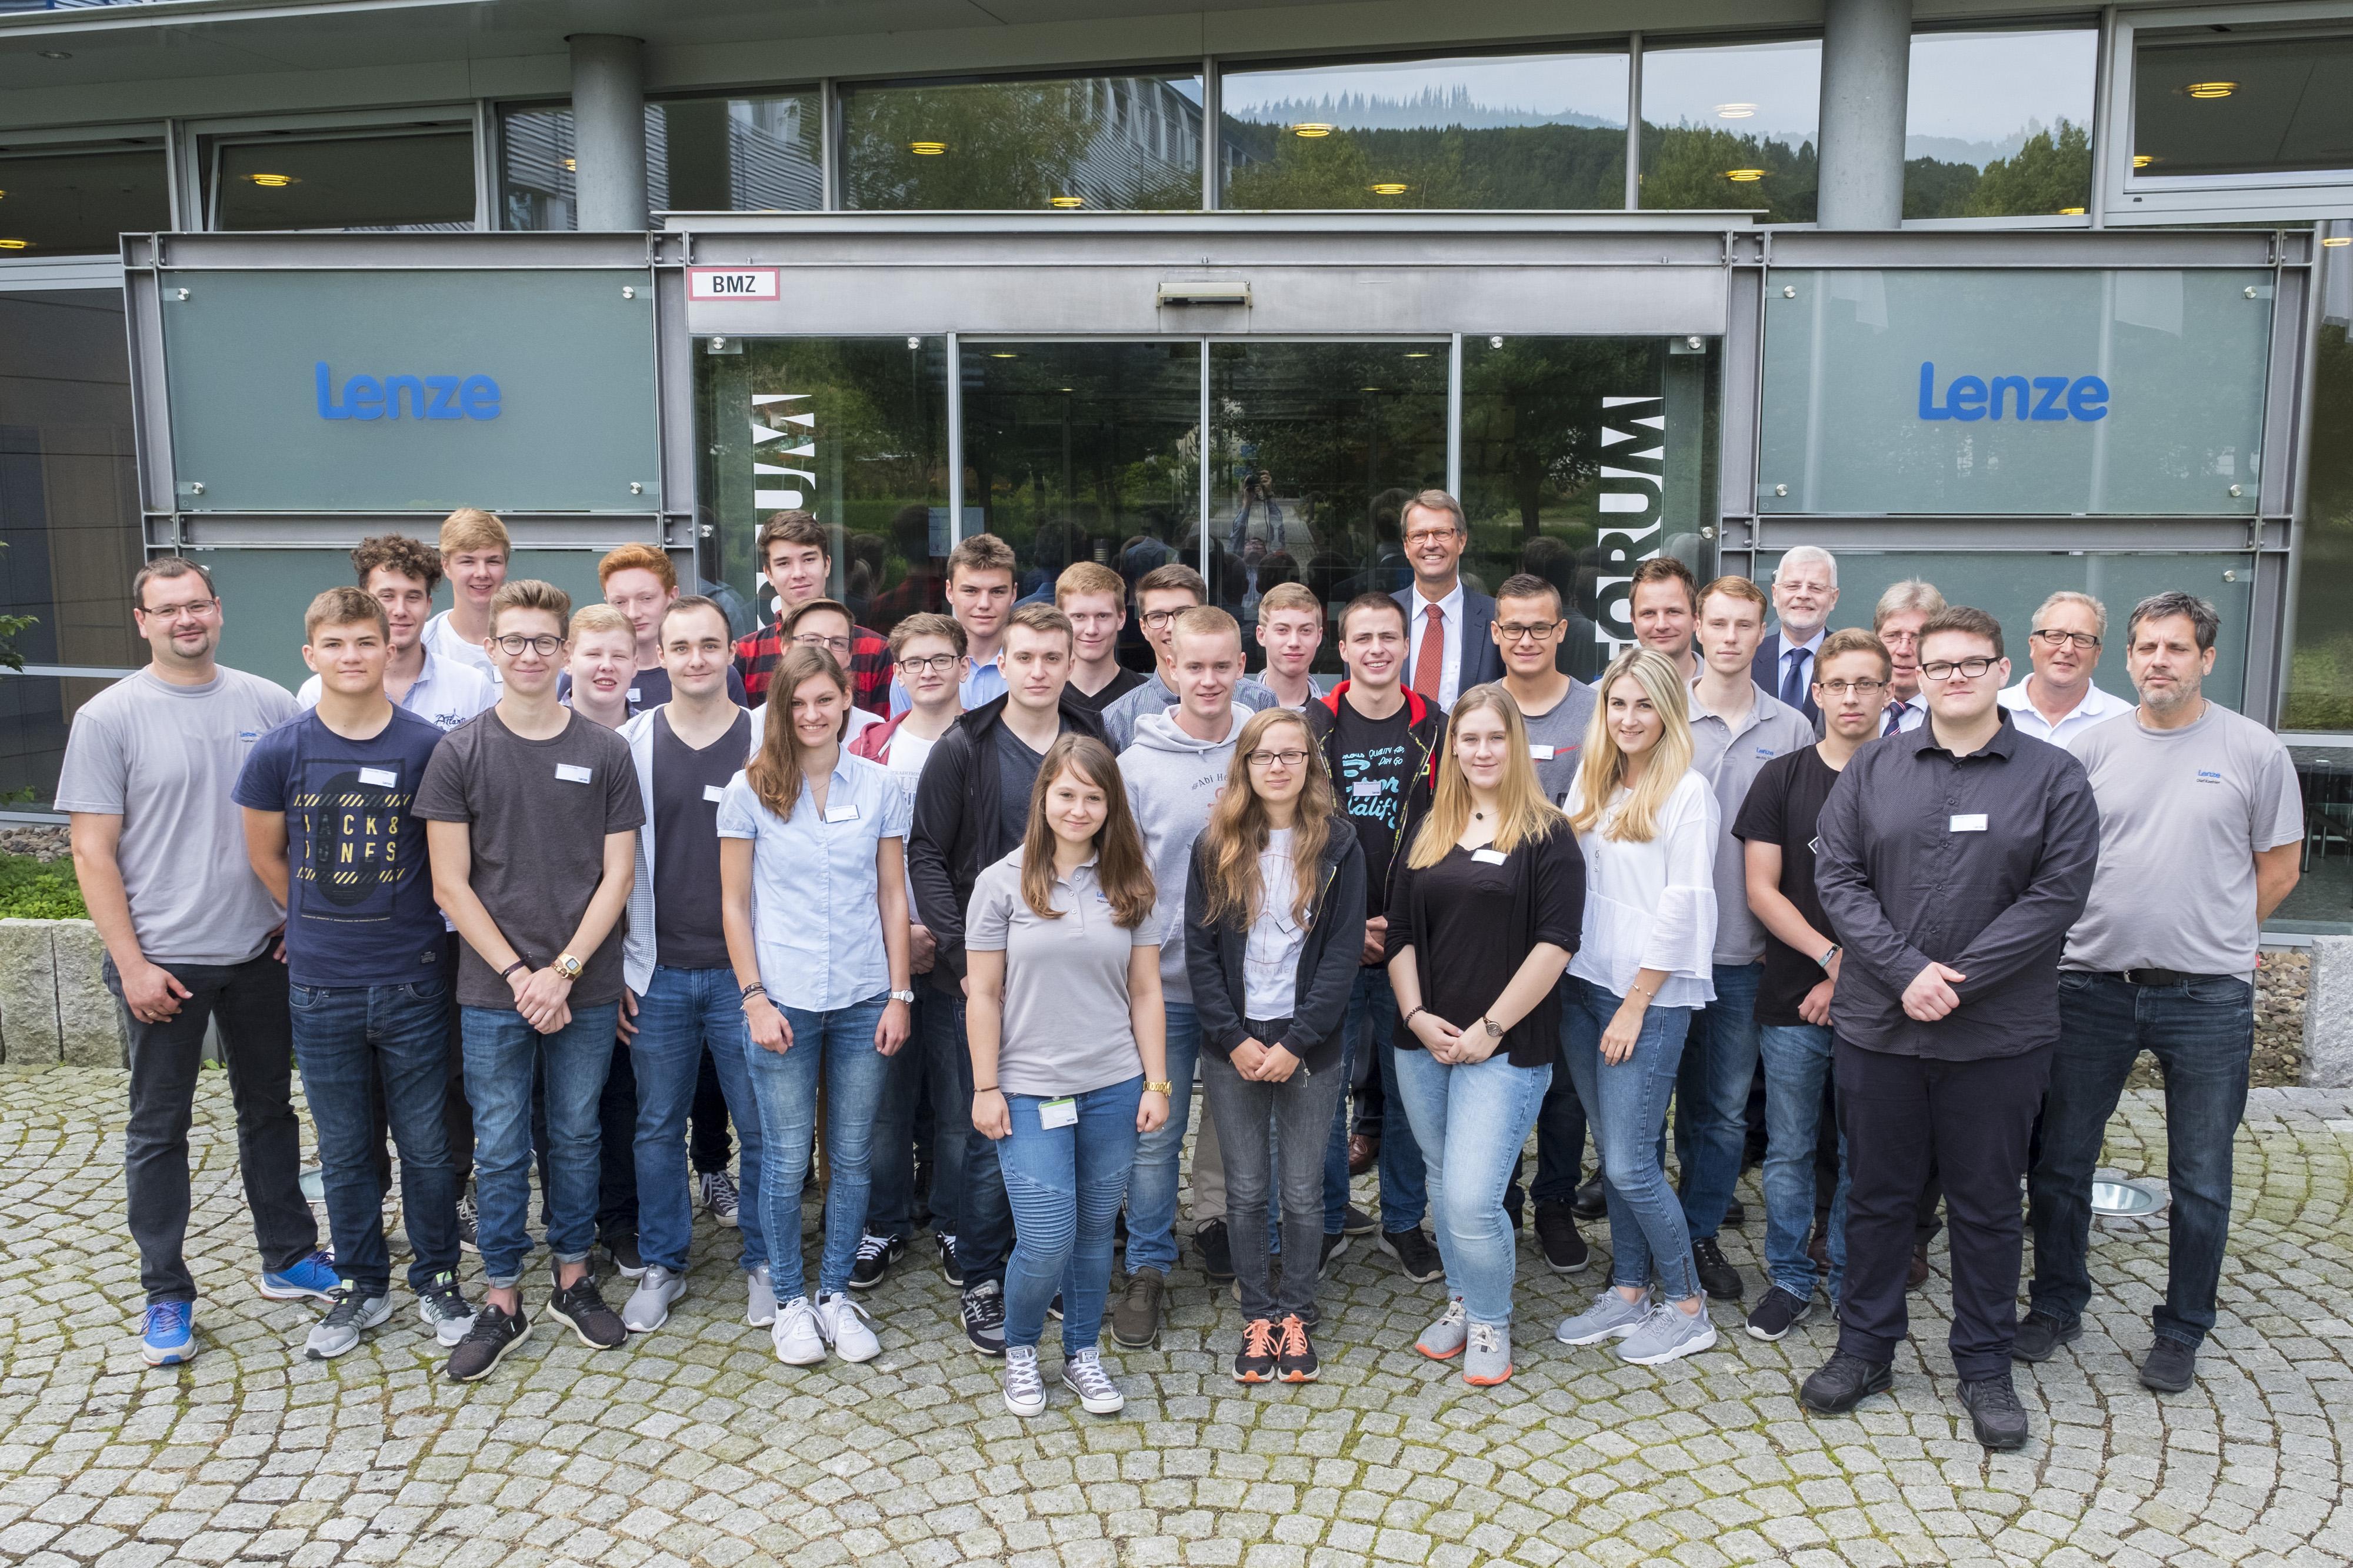 Die Lenze SE in Aerzen begrüßt 23 neue Teammitglieder (Foto: Lenze)